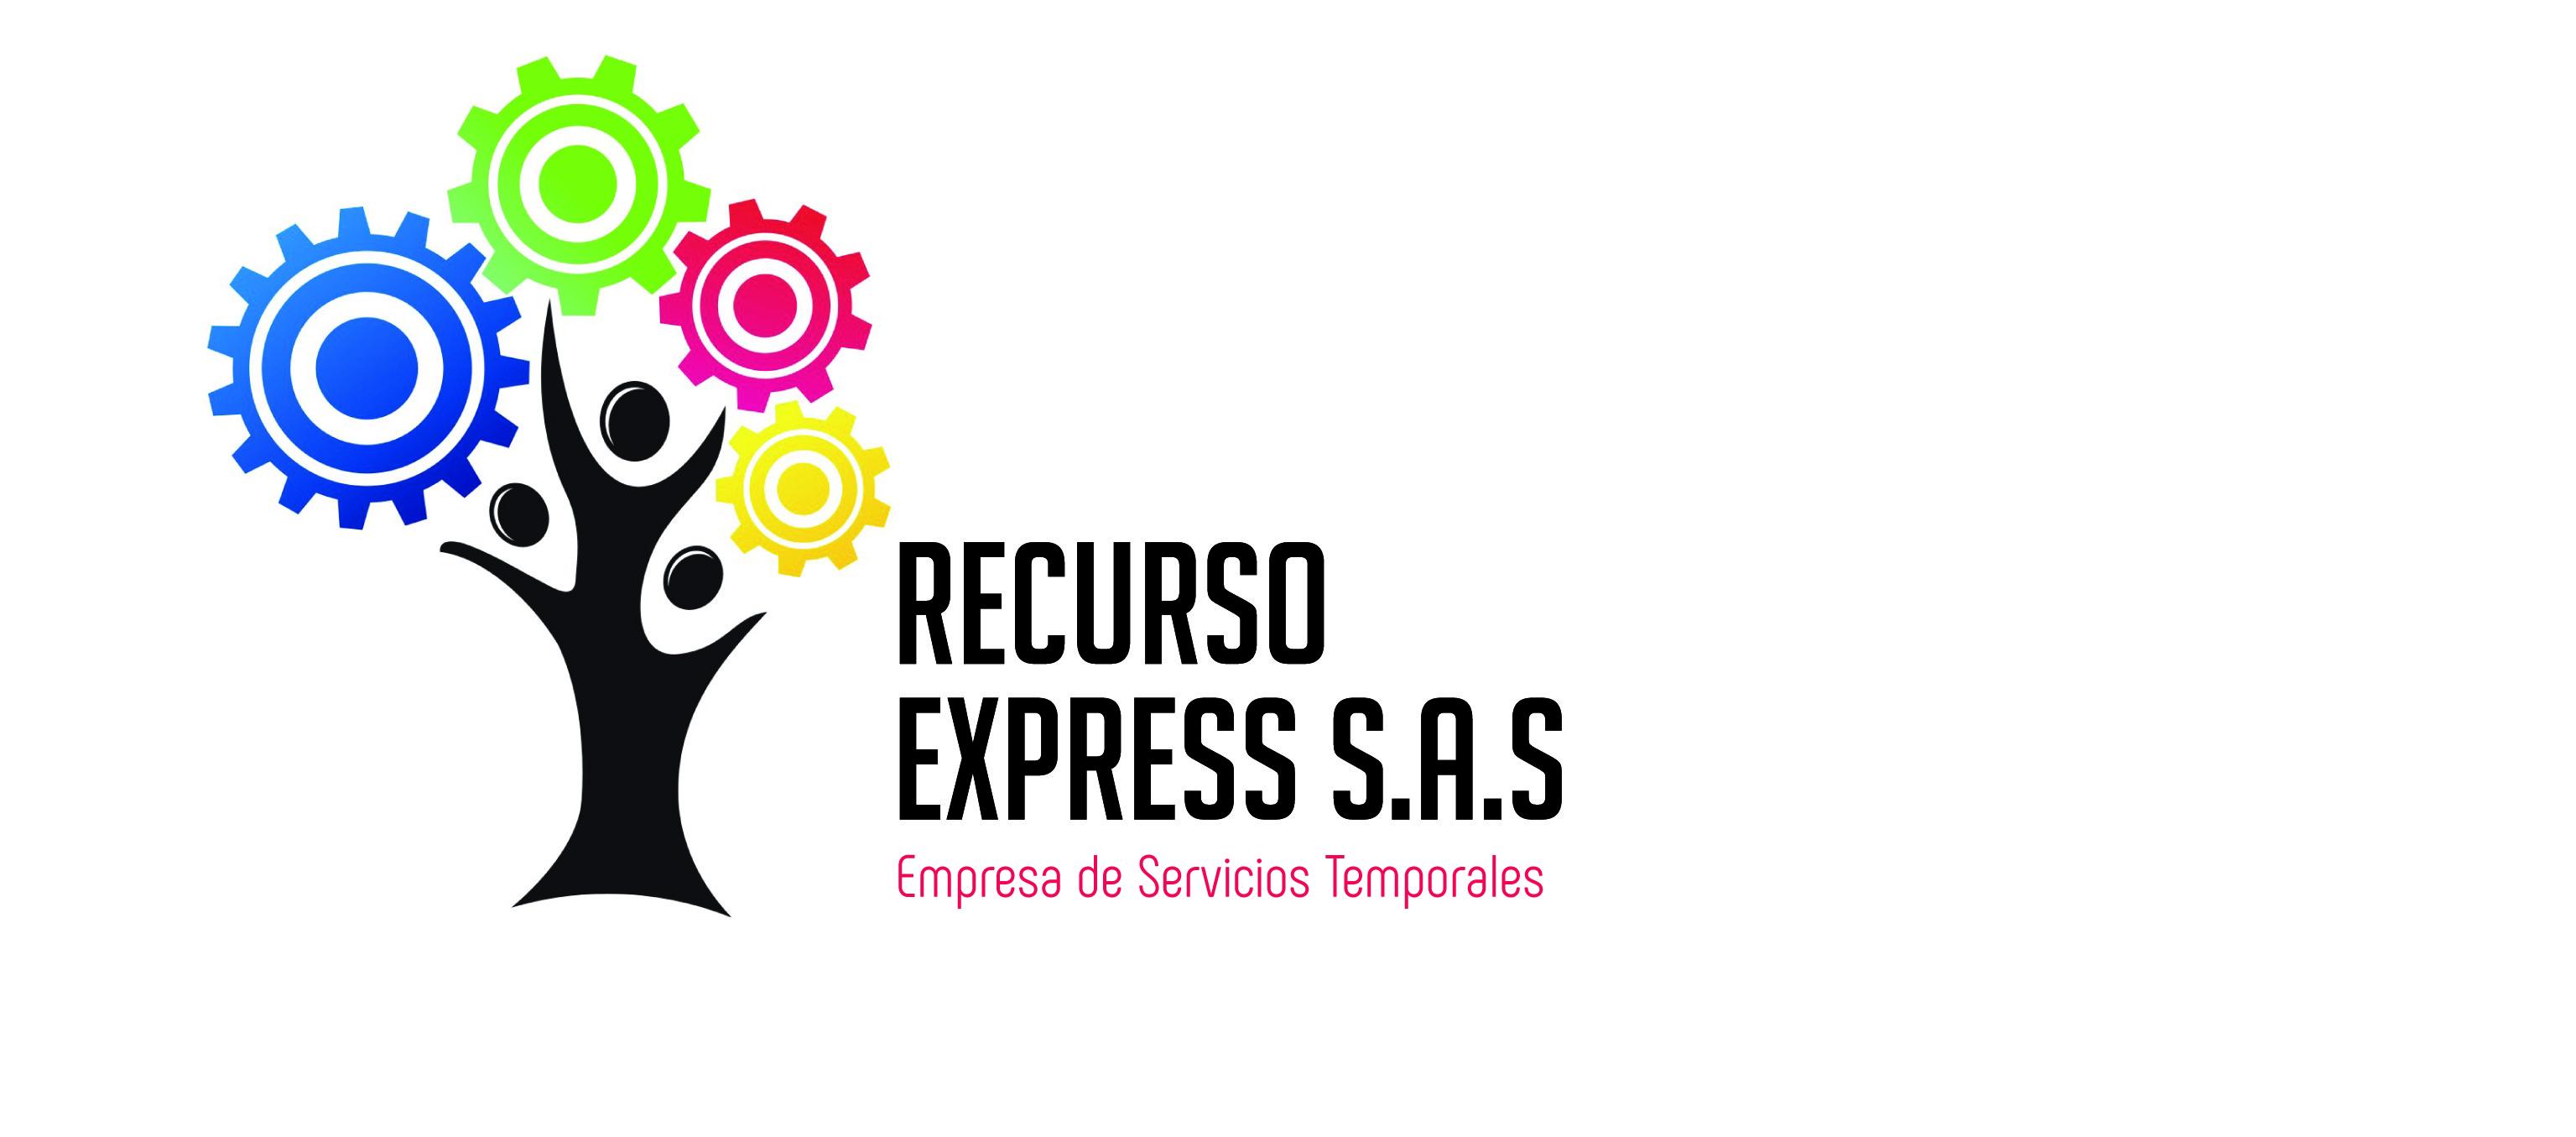 Recurso Express